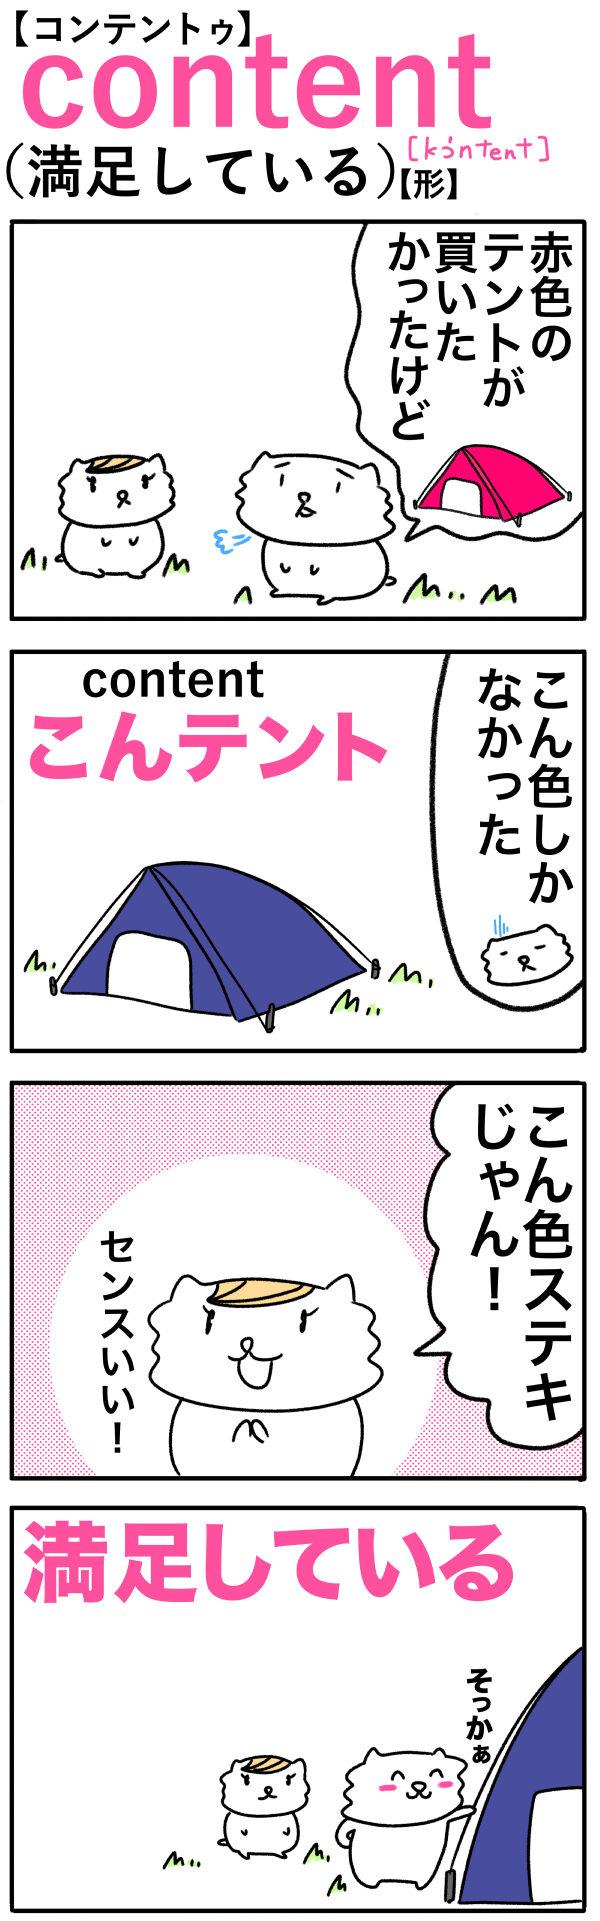 content(満足している)の語呂合わせ英単語